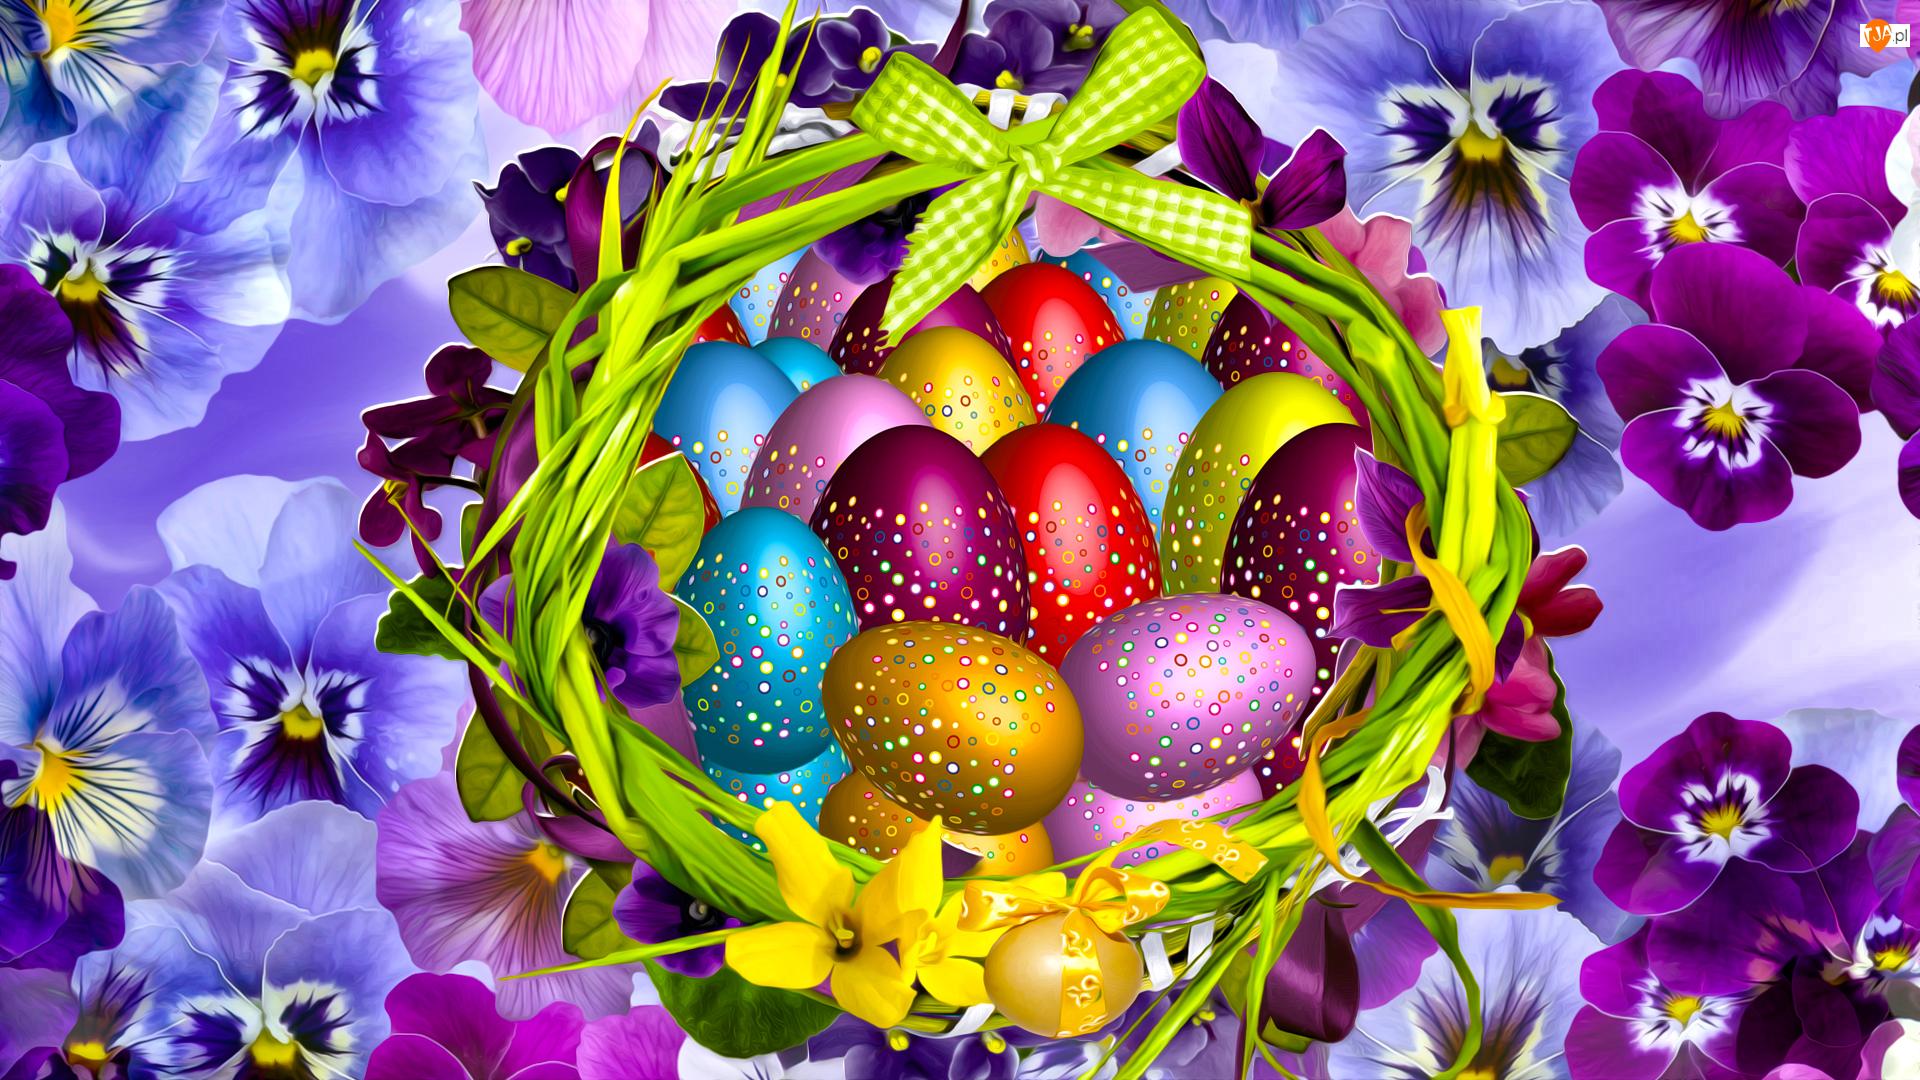 Kwiaty, Grafika, Pisanki, Wielkanoc, Bratki